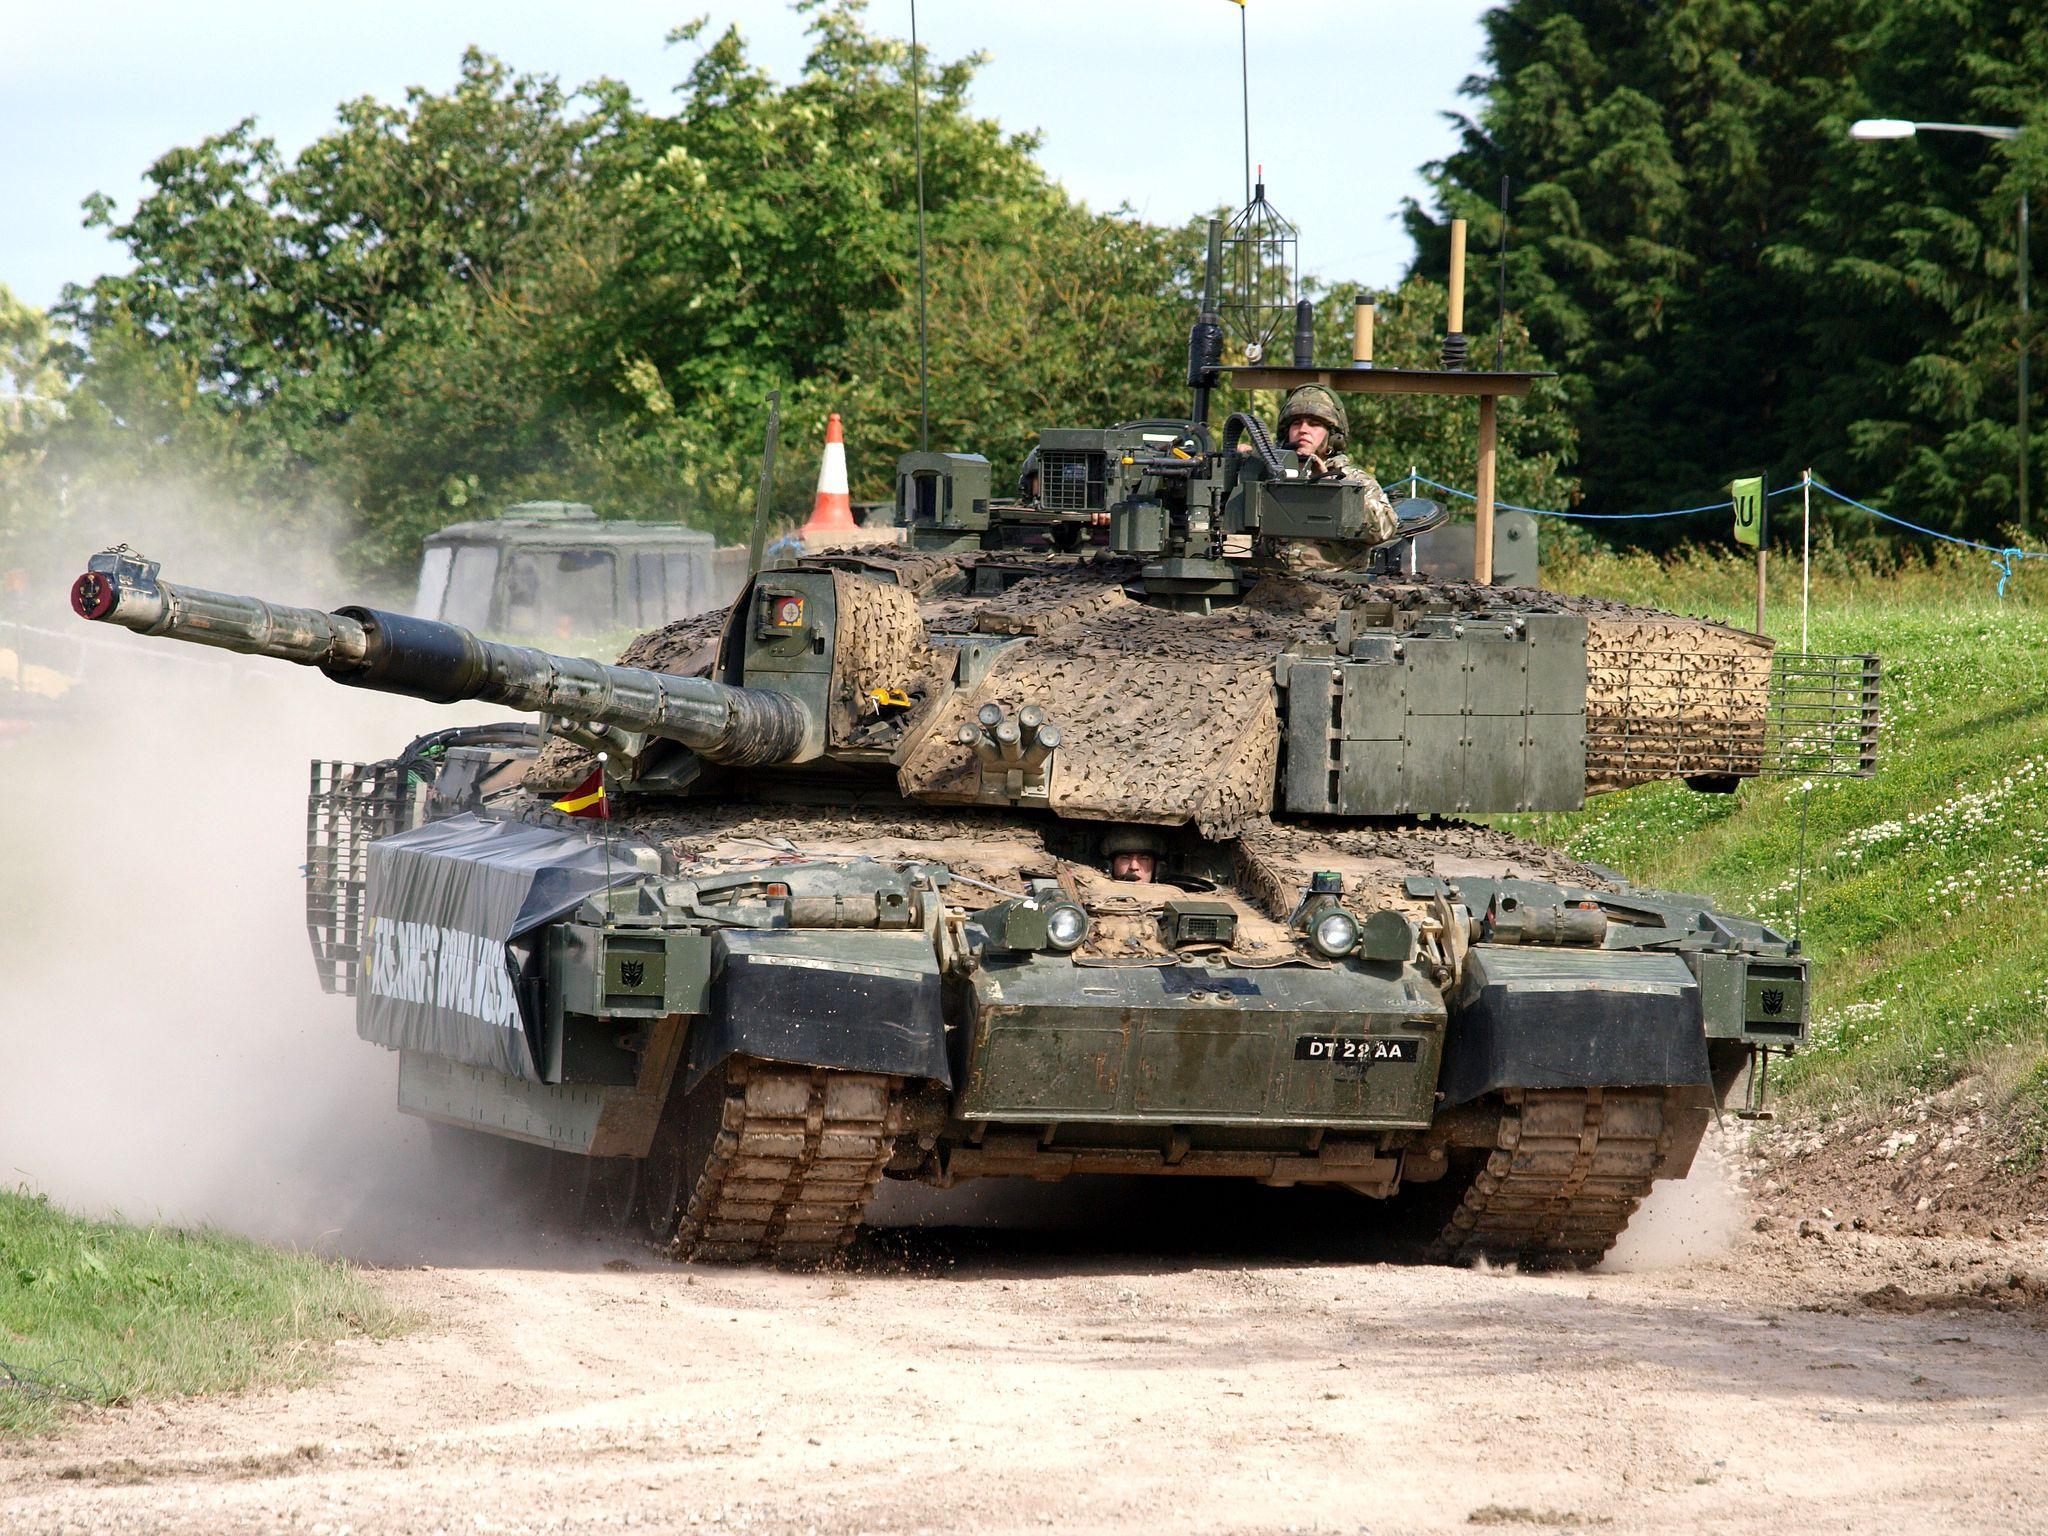 f3e37fc58c60 Challenger 2 main battle tank nicknamed